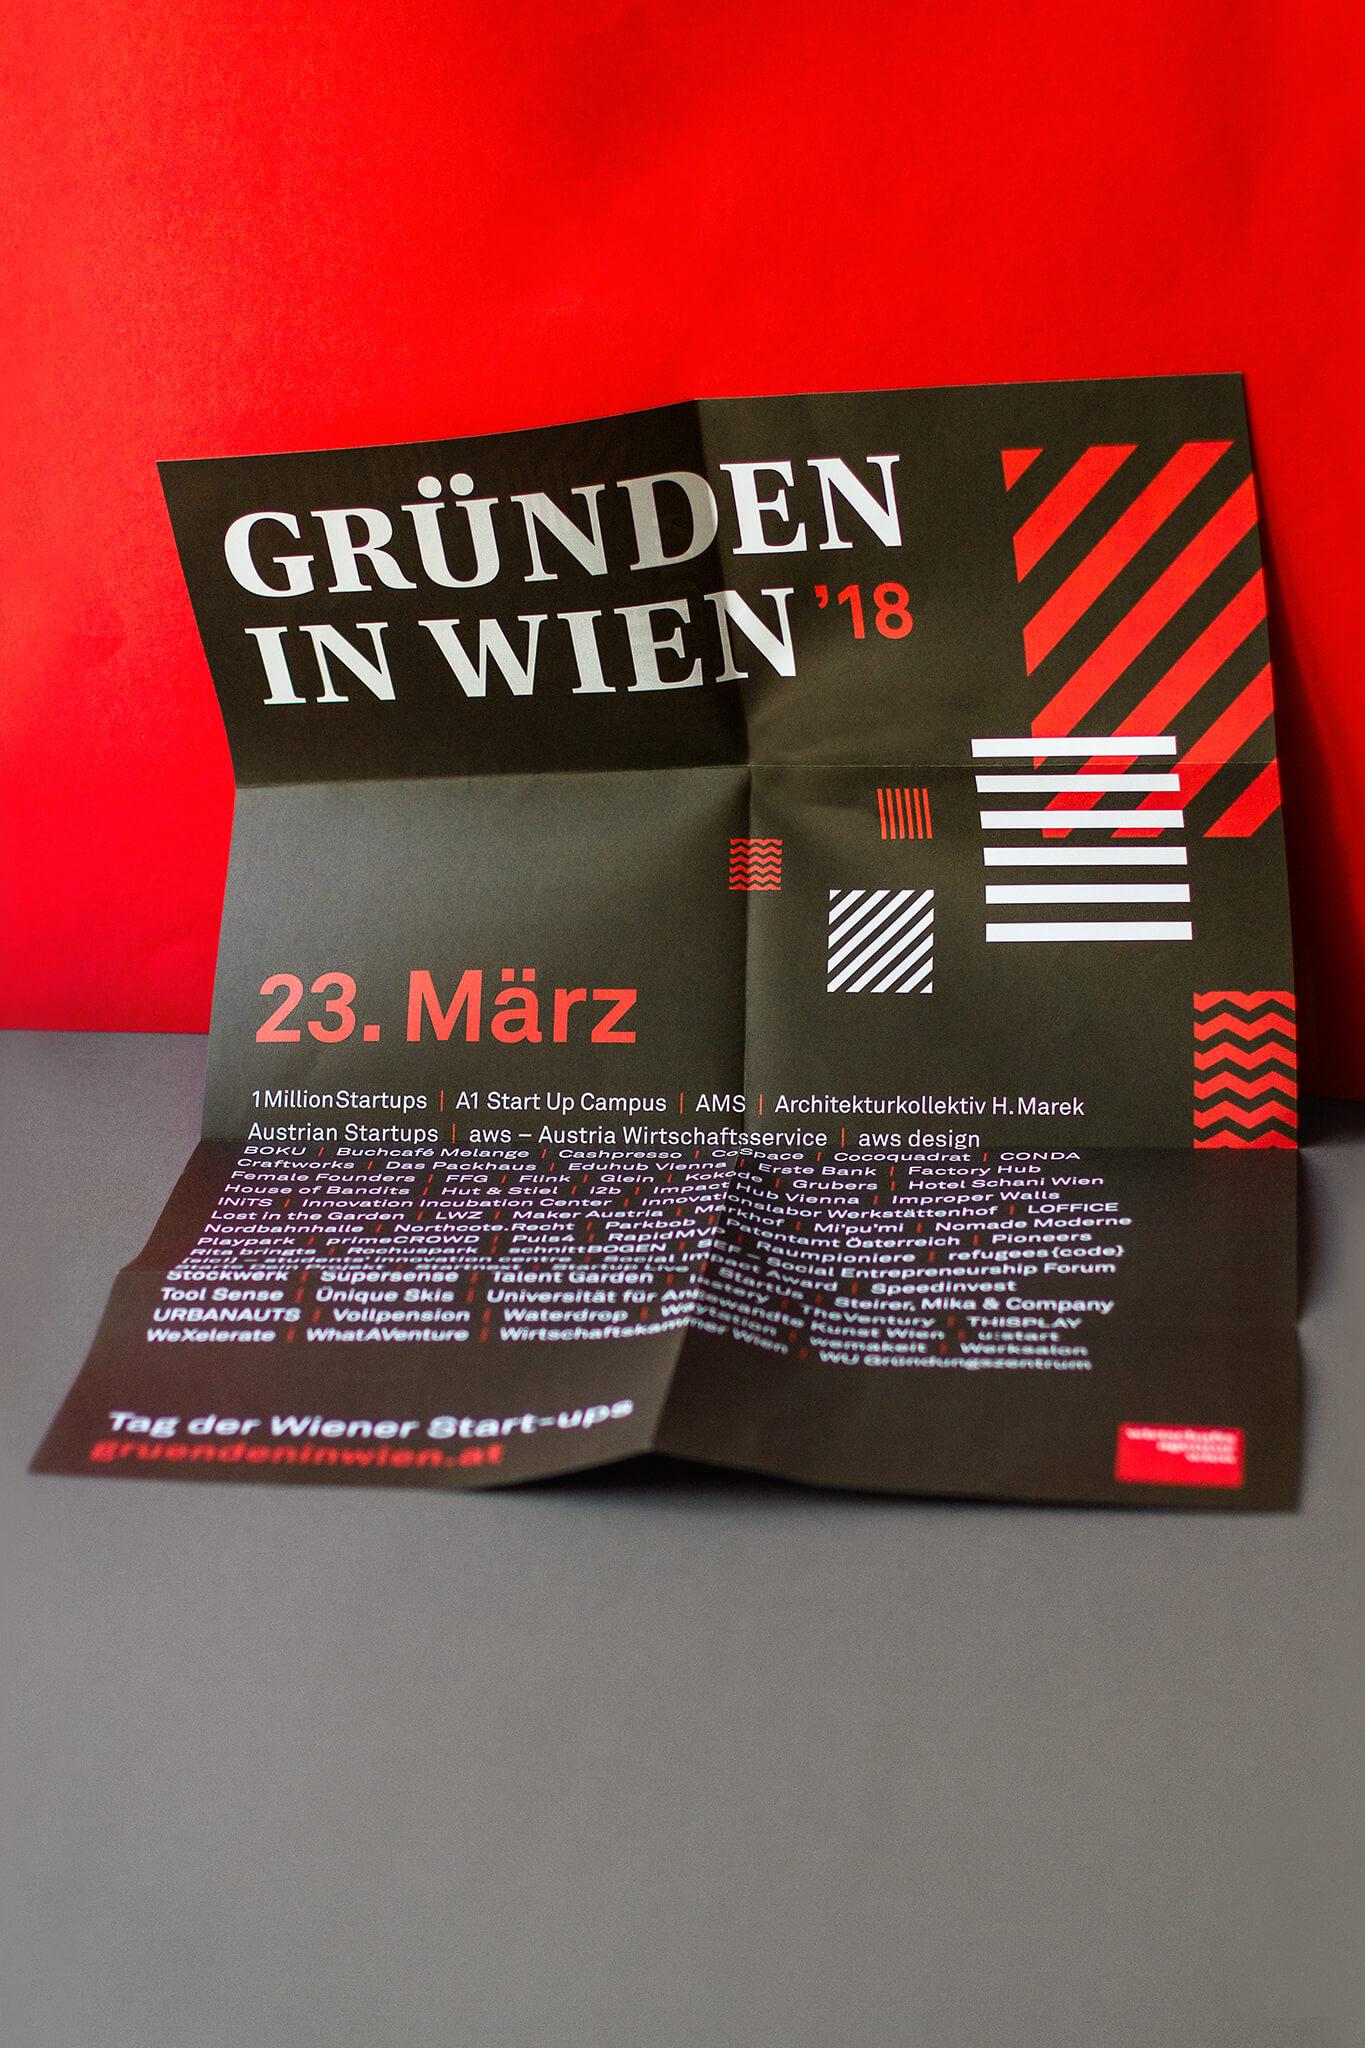 Gründen in Wien Poster mit schwarz-rot-weißem Pattern